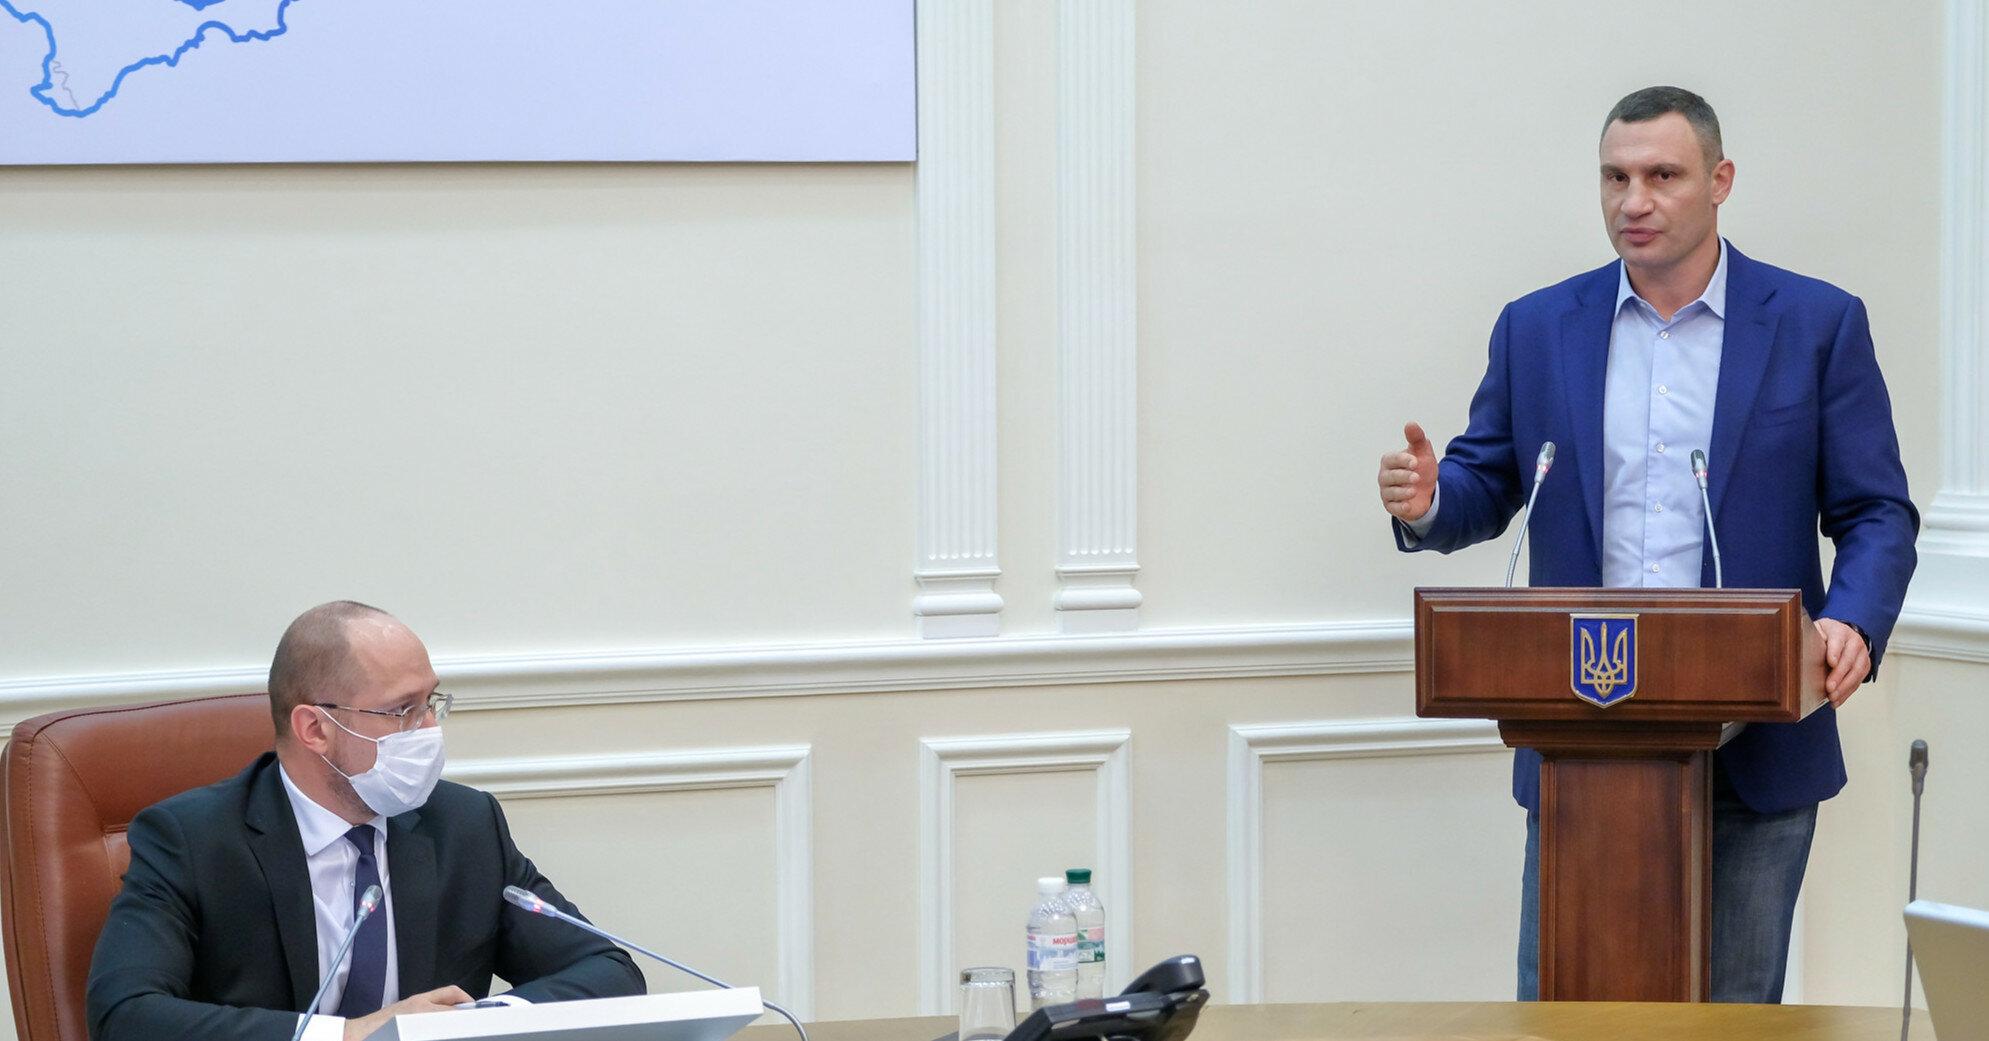 Киев готовится к разным сценариям осенней пандемии - Кличко